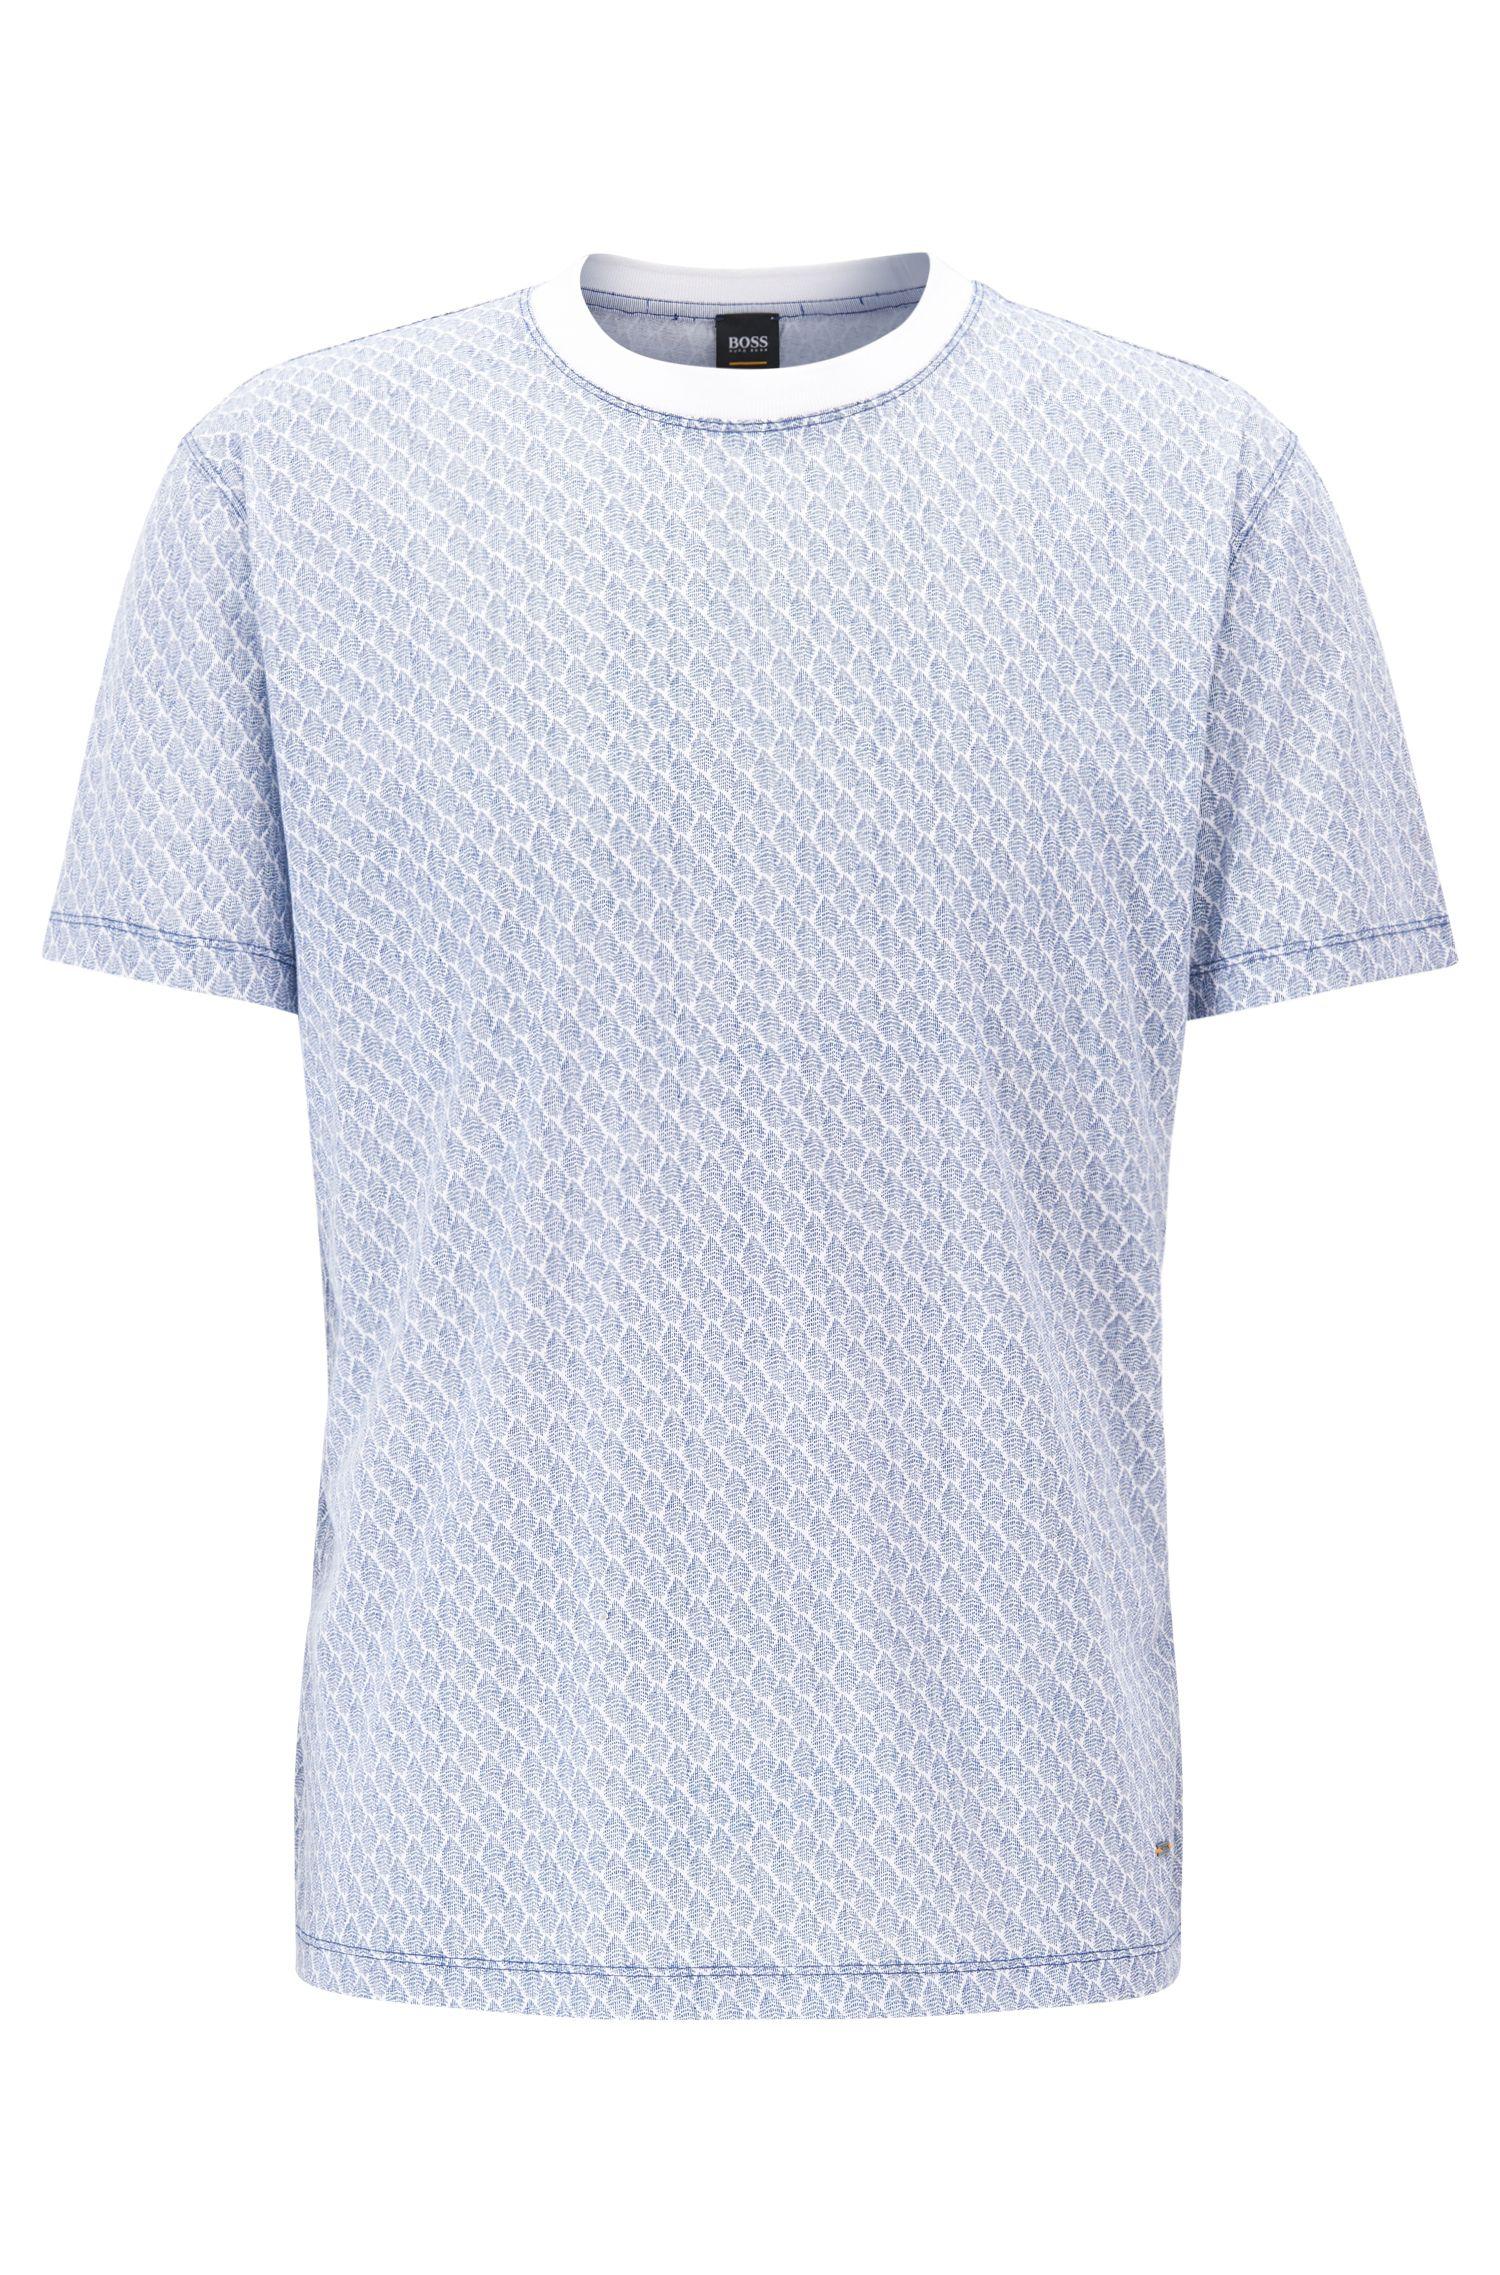 Relaxed-Fit T-Shirt aus gemustertem Baumwoll-Jersey